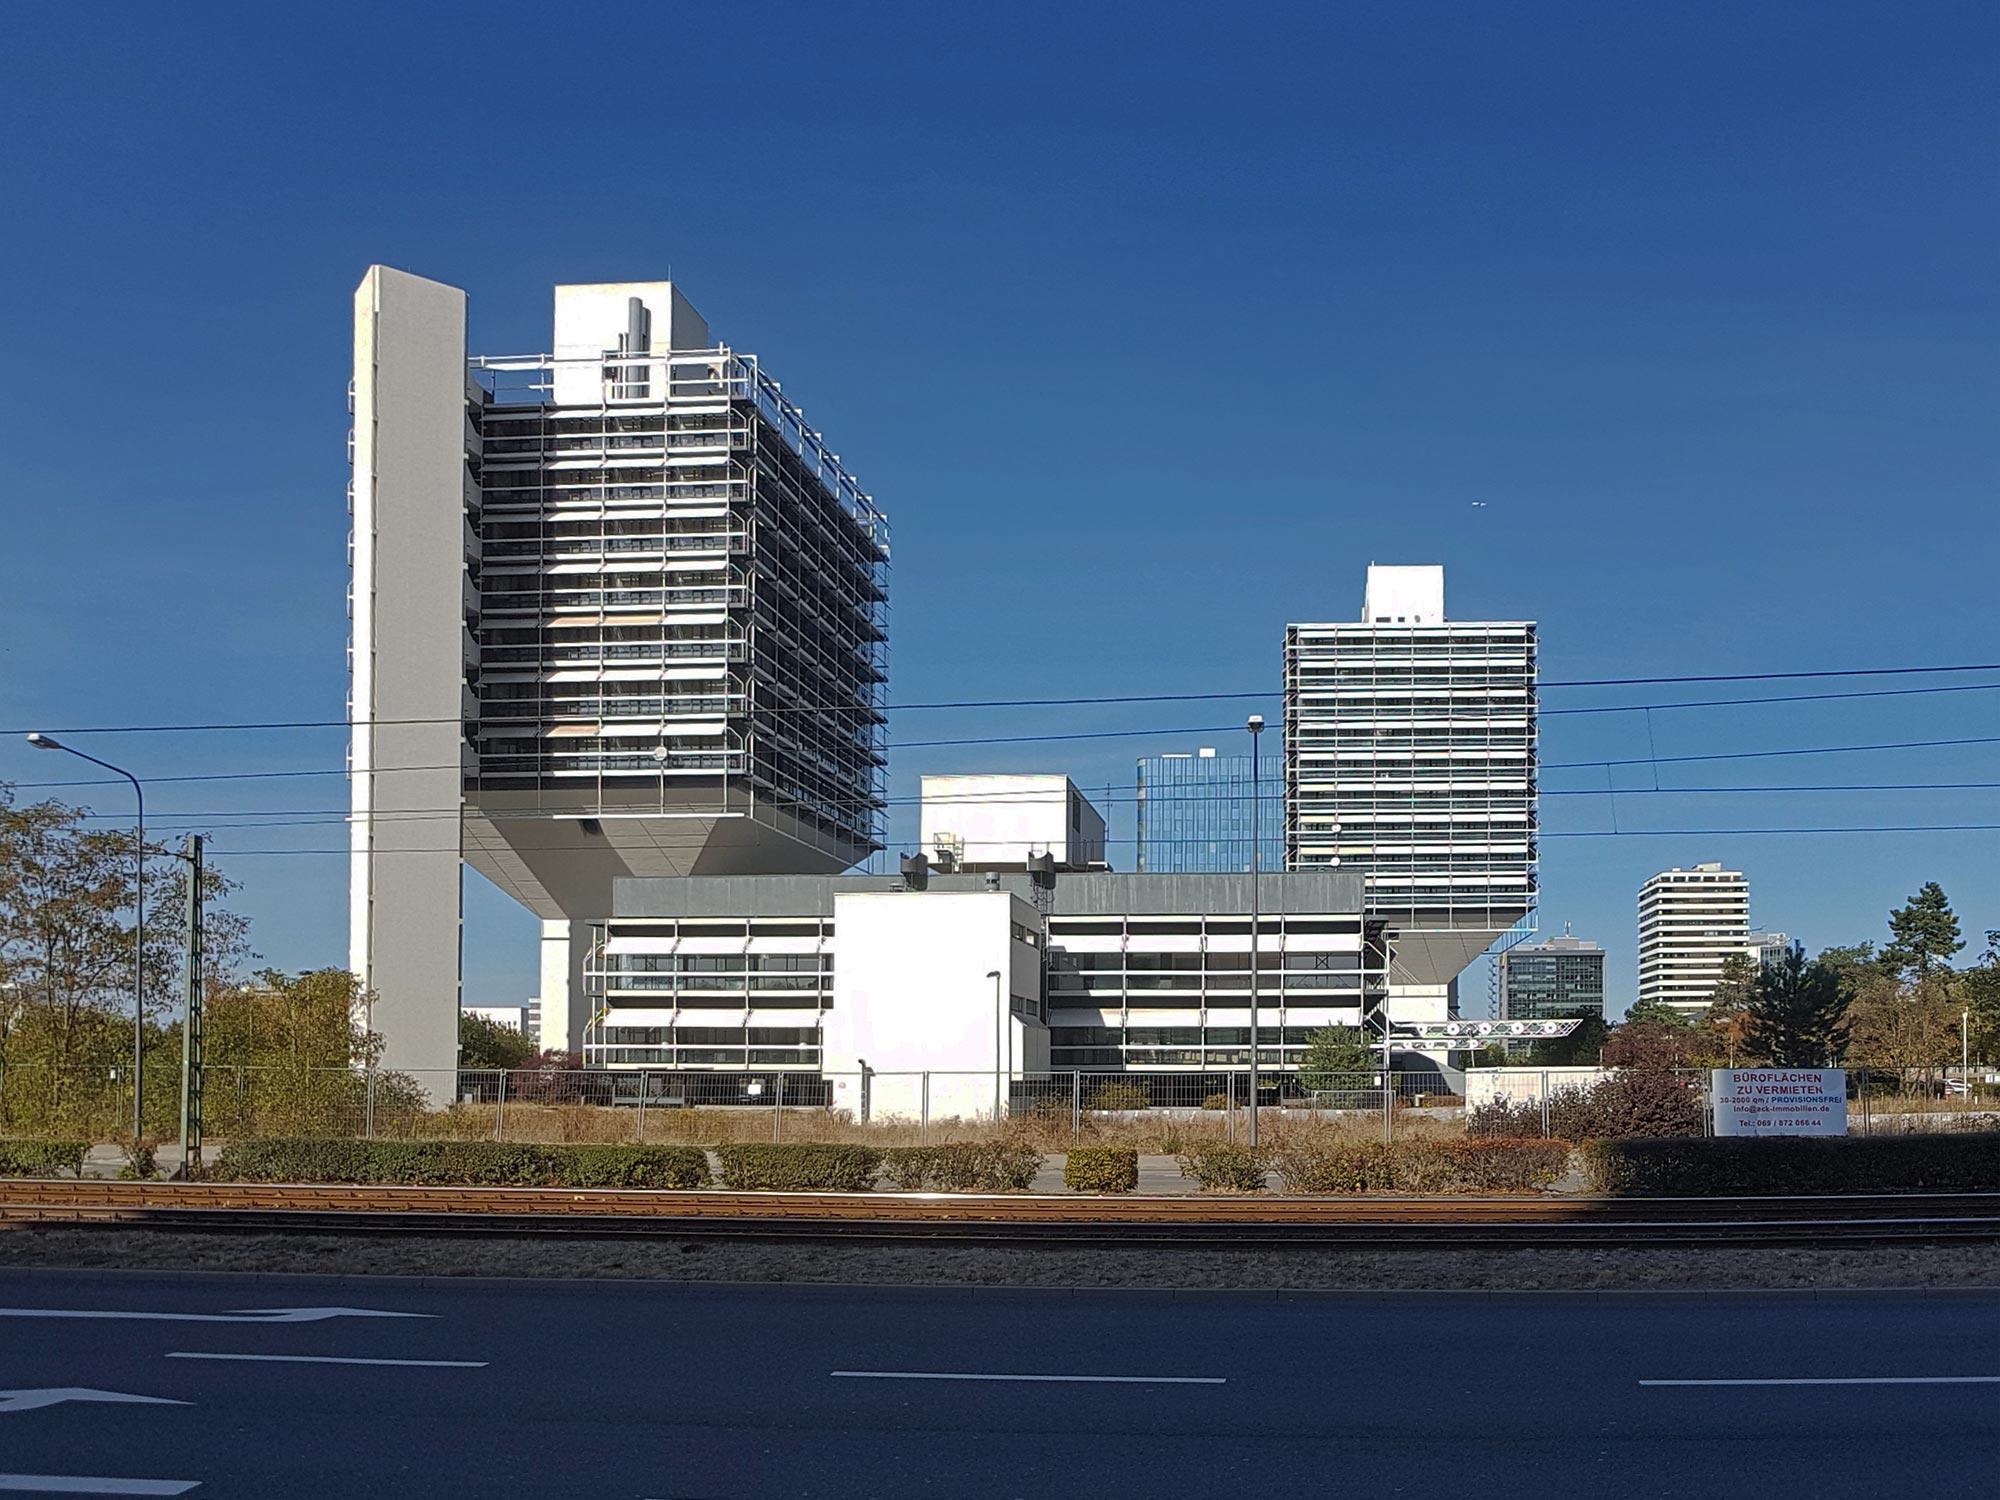 Ollivetti-Türme von Egon Eiermann in Frankfurt-Niederrad - Eiermann-Türme Bürostadt - Lyoner Viertel Hochhäuser von OLDUS